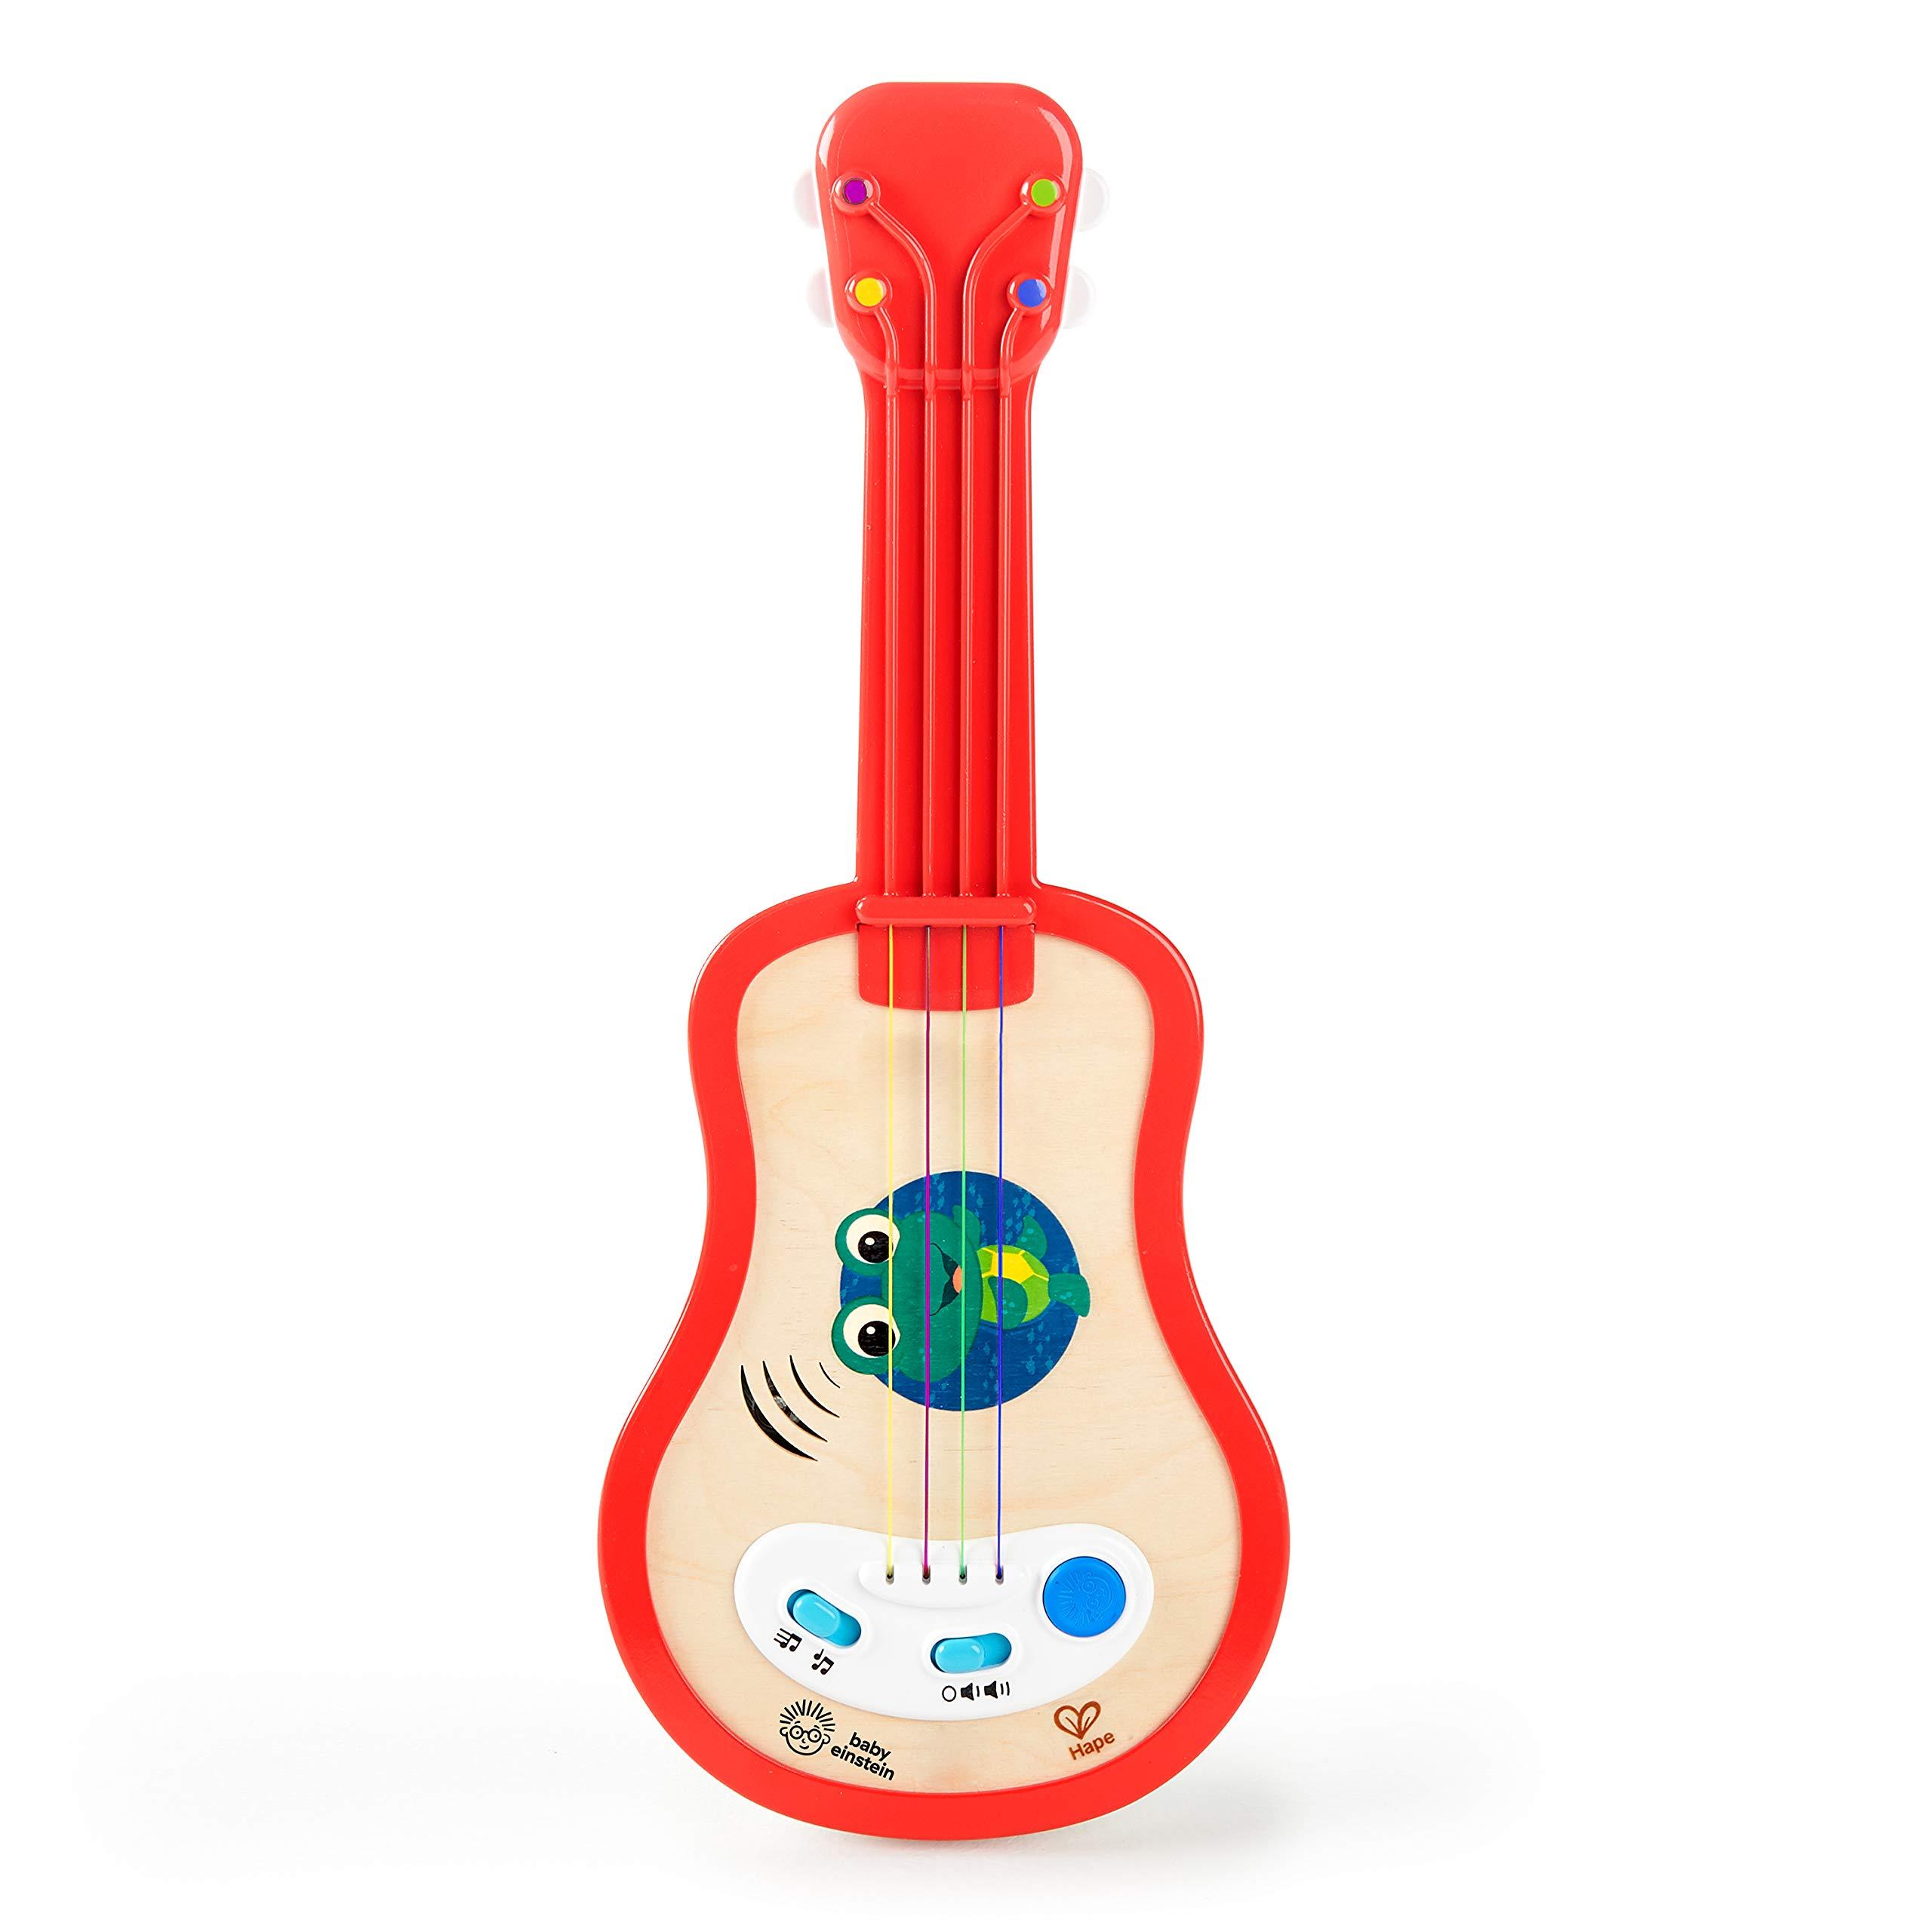 Baby Einstein Ukulele Wooden Musical